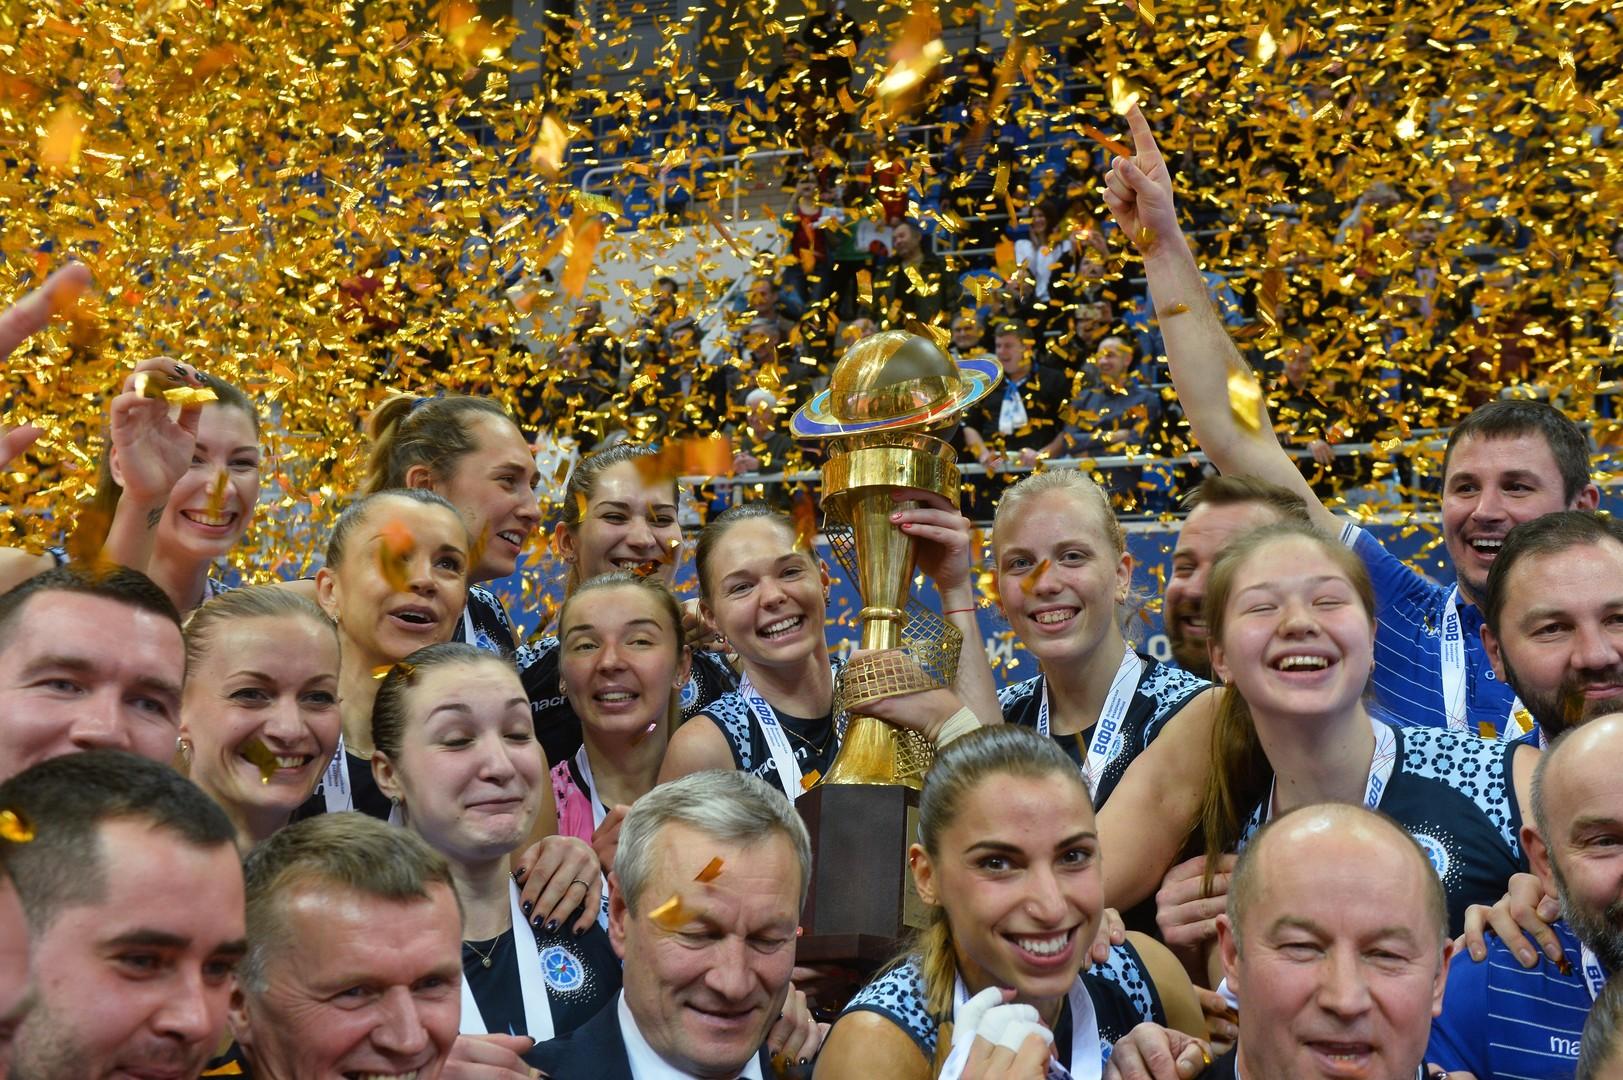 بالصور.. دينامو قازان يعانق كأس روسيا للكرة الطائرة